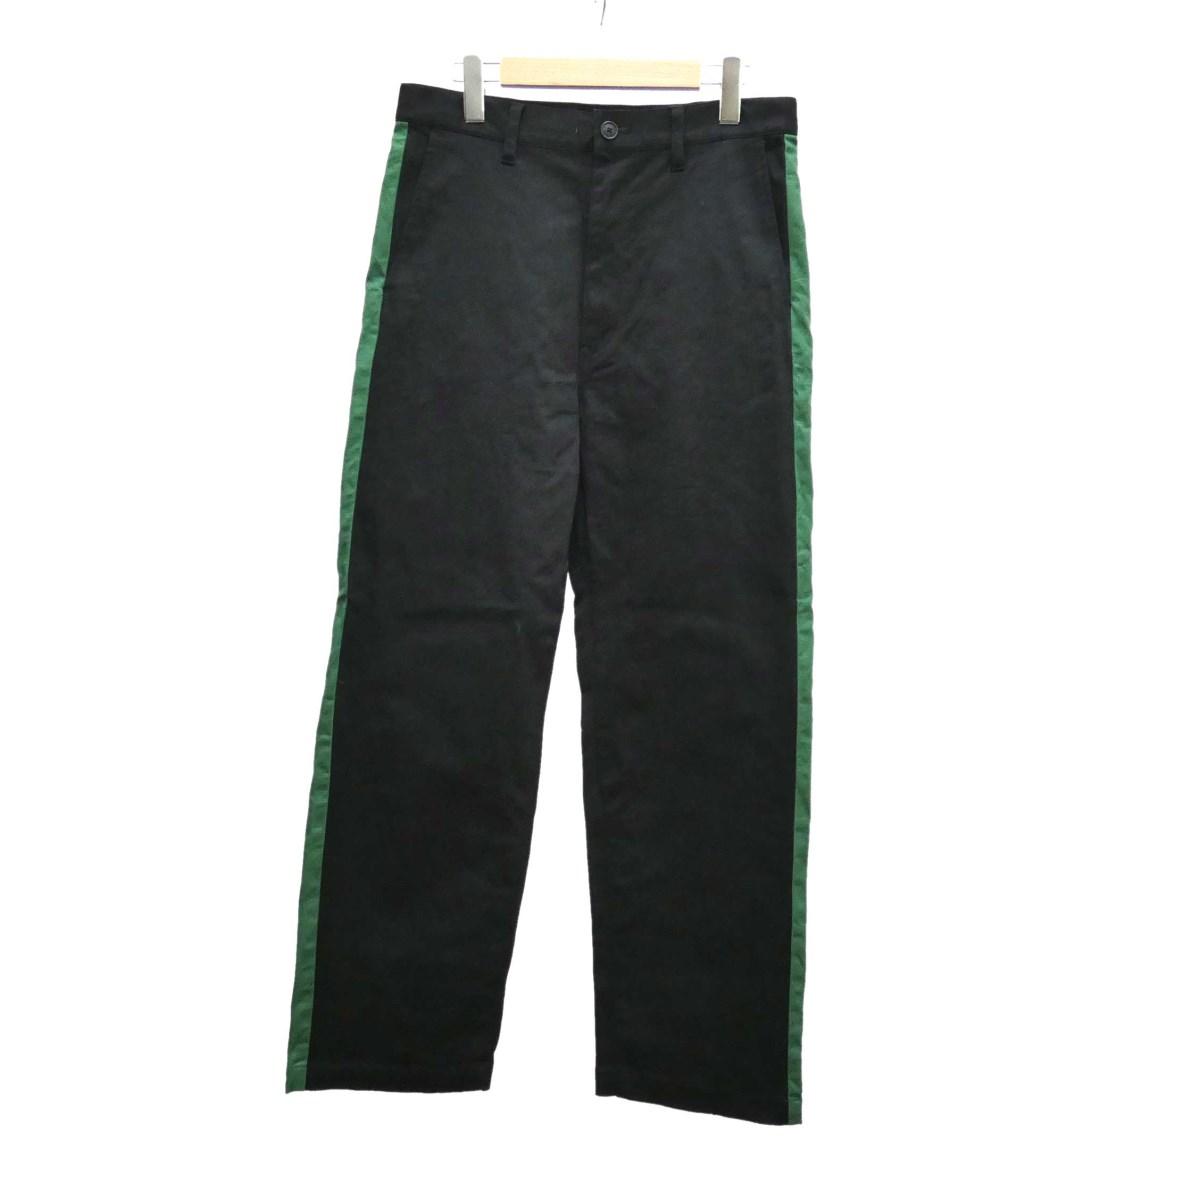 【中古】MR.GENTLE MAN SIDE LINE WIDE PANT パンツ 2019SS ブラック×グリーン サイズ:M 【030919】(ミスタージェントルマン)